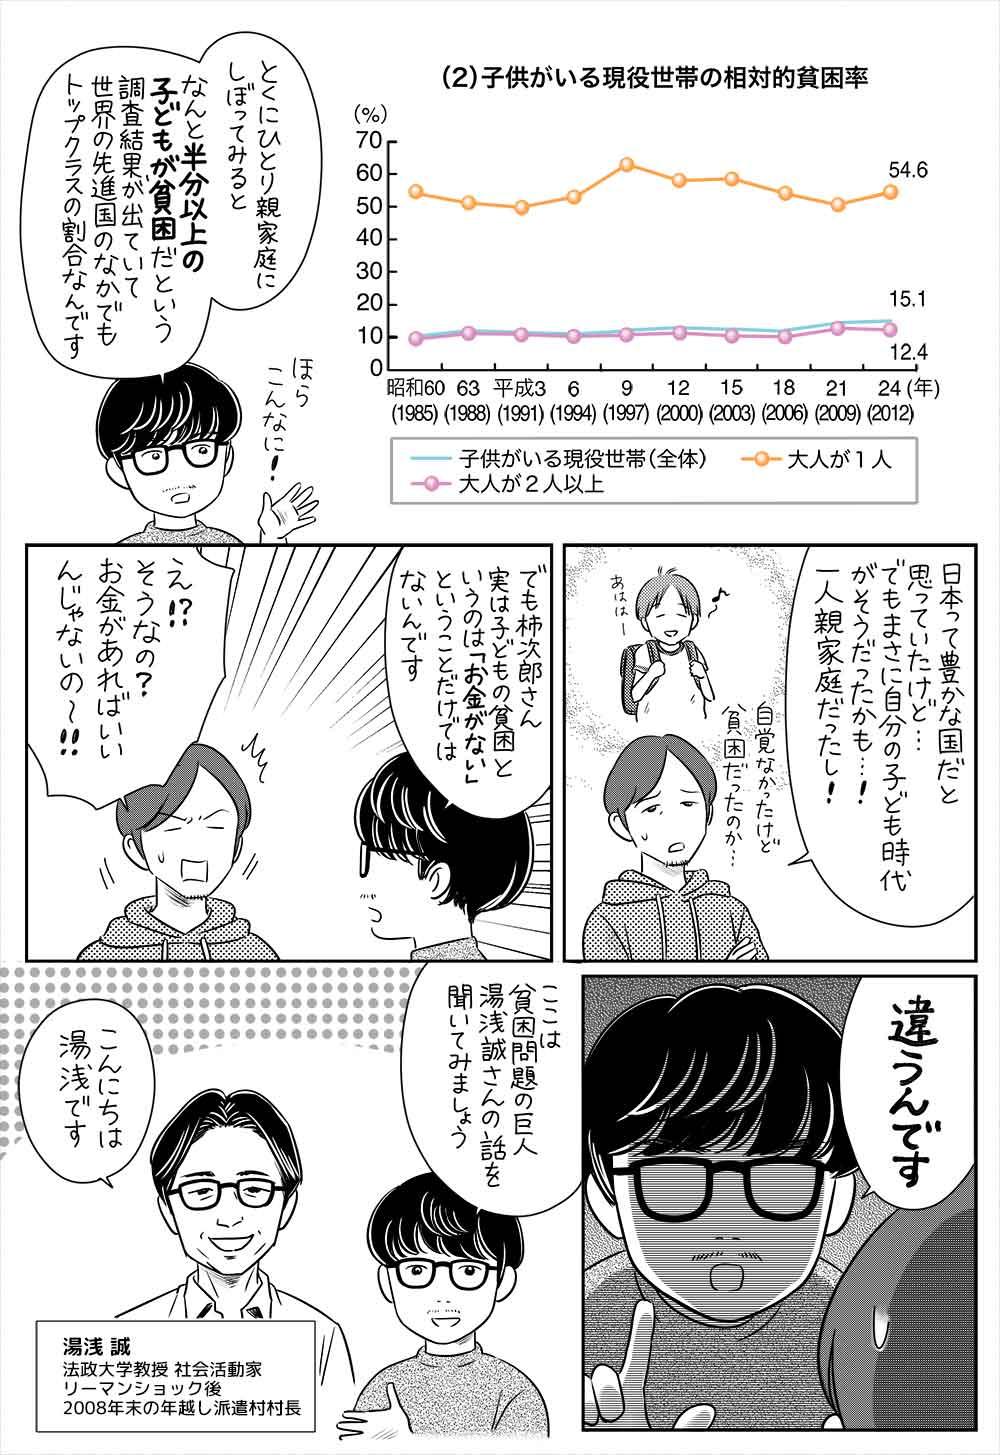 f:id:kakijiro:20170416171247j:plain